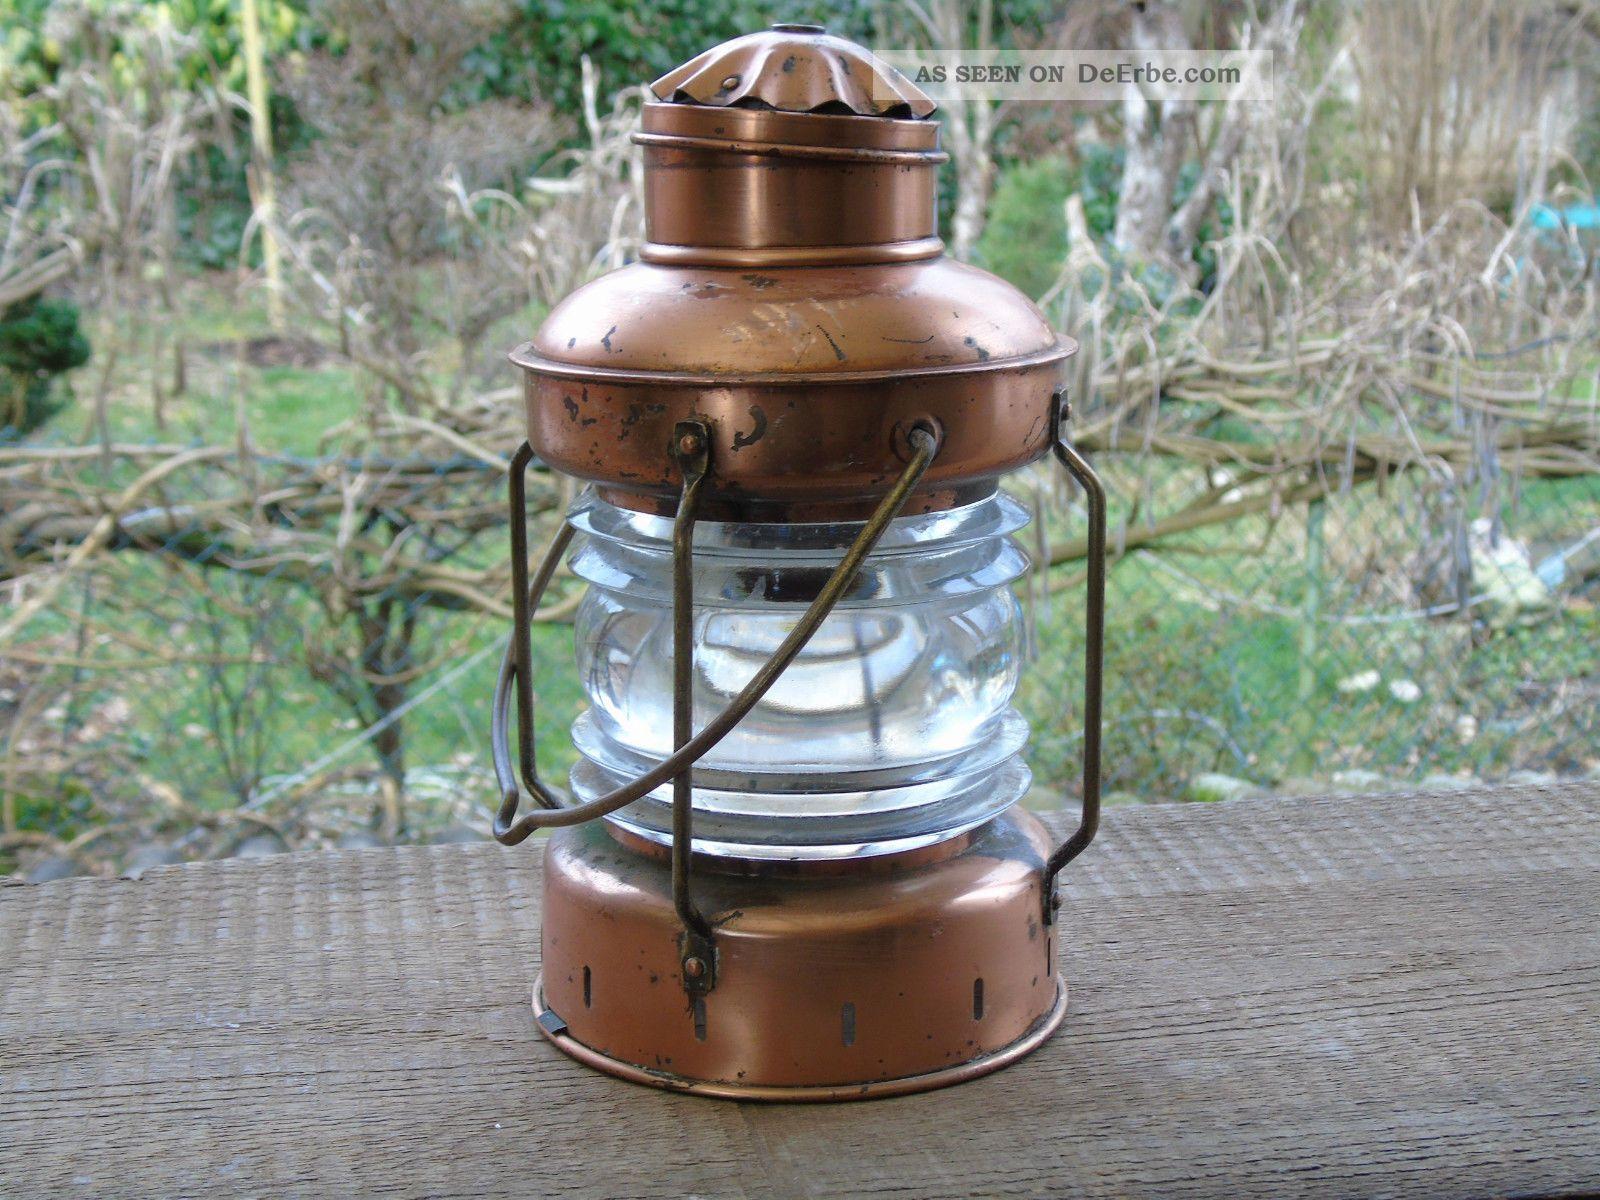 alte schiffslaterne kupfer glas marine lampe 1 2kg. Black Bedroom Furniture Sets. Home Design Ideas